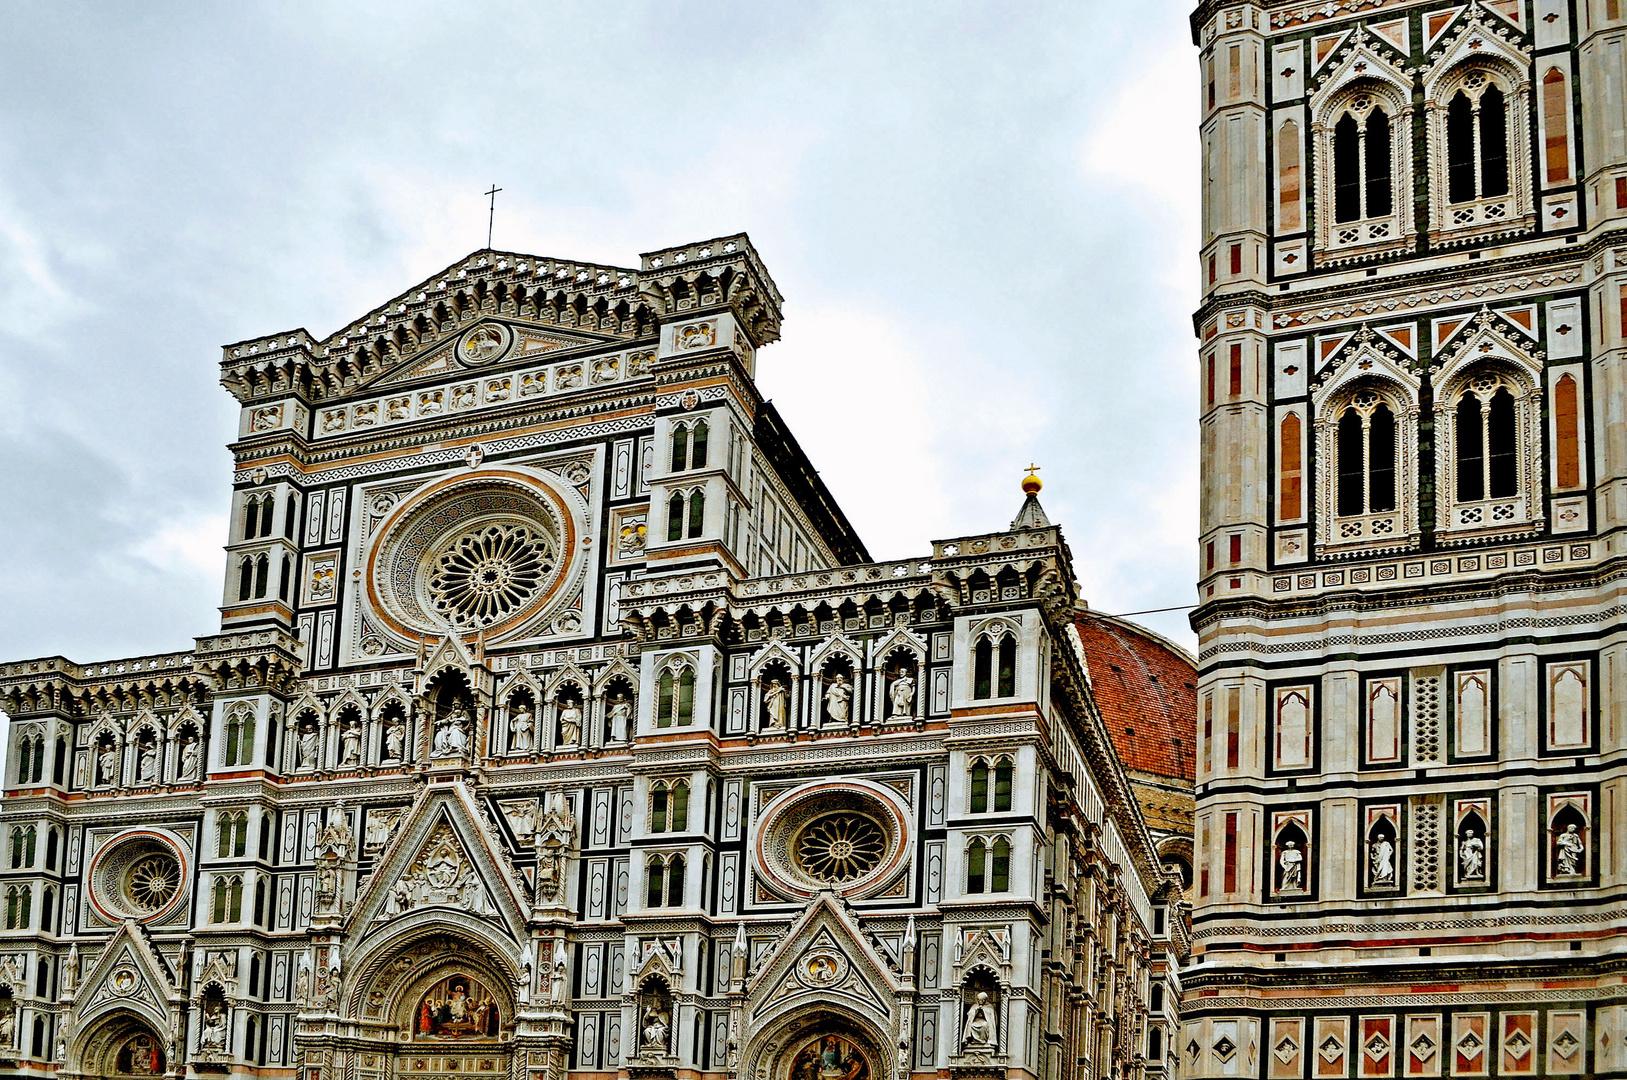 Basilica di Santa Maria del Fiore Façade and Giotto's Campanile, Florence